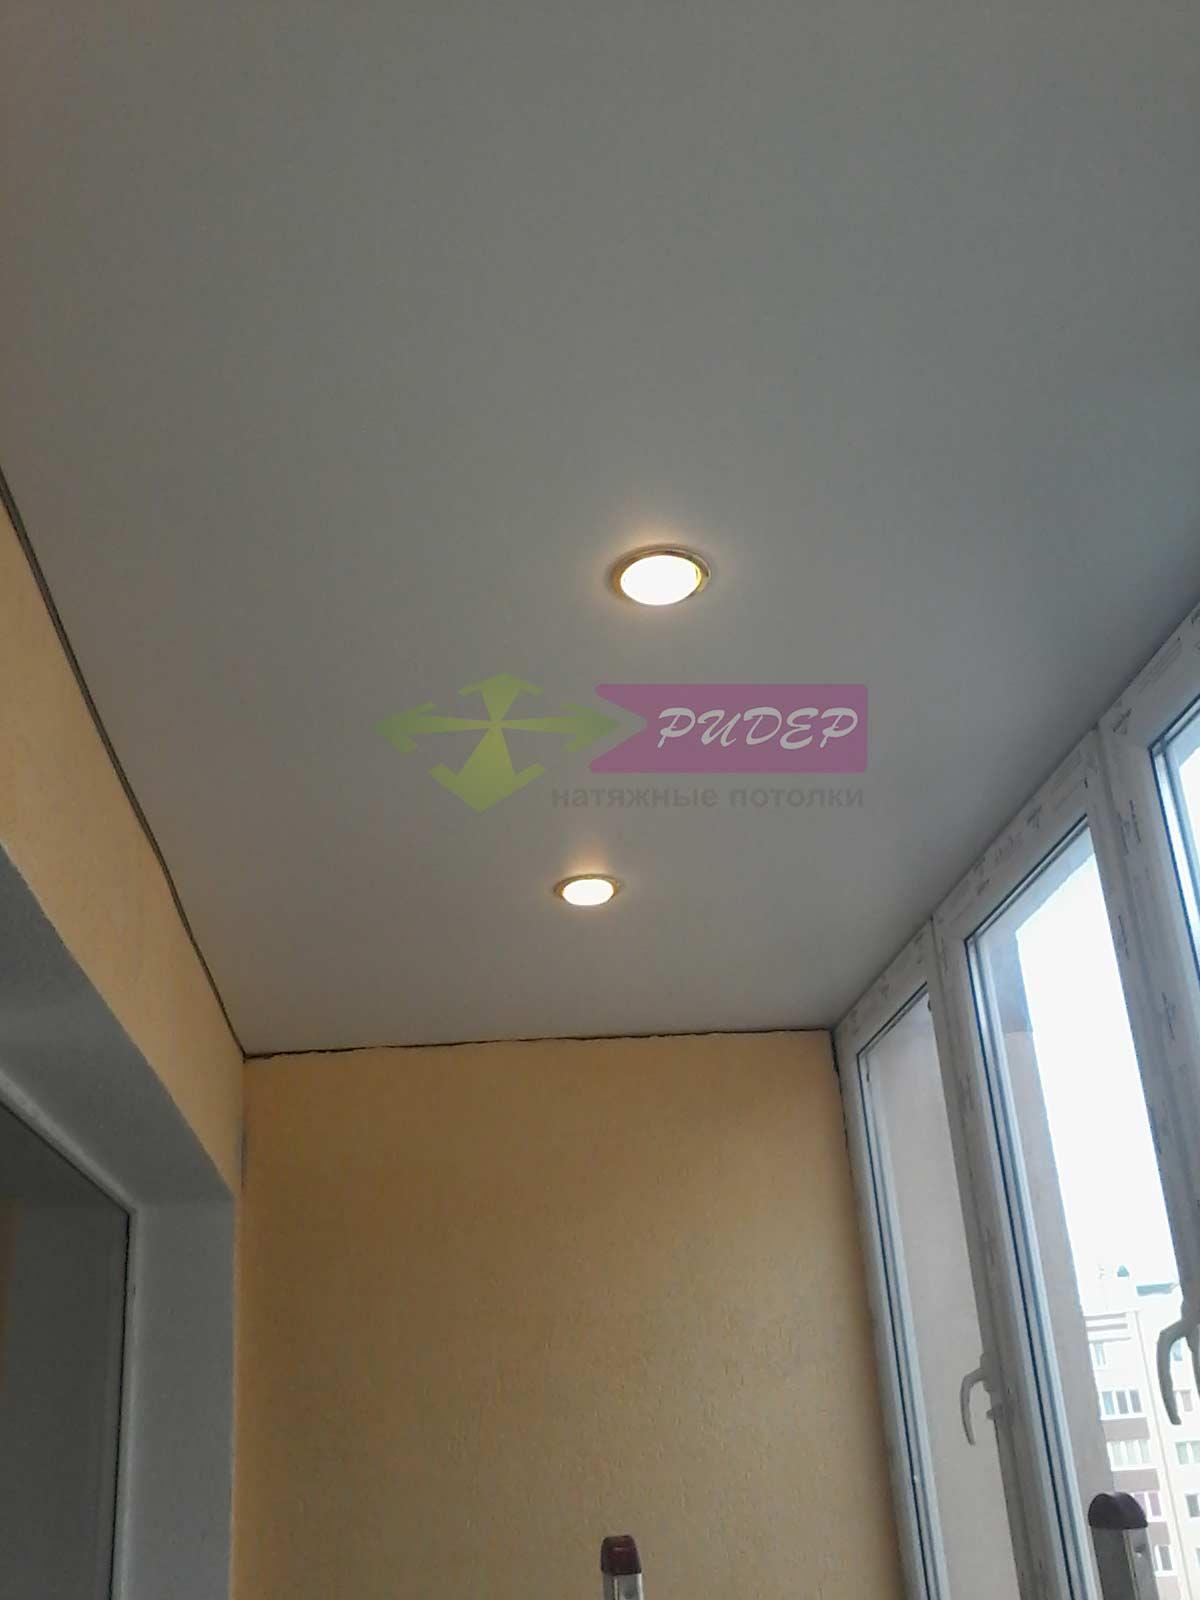 Светильники в натяжных потолках в Калининграде по ул. Чекистов